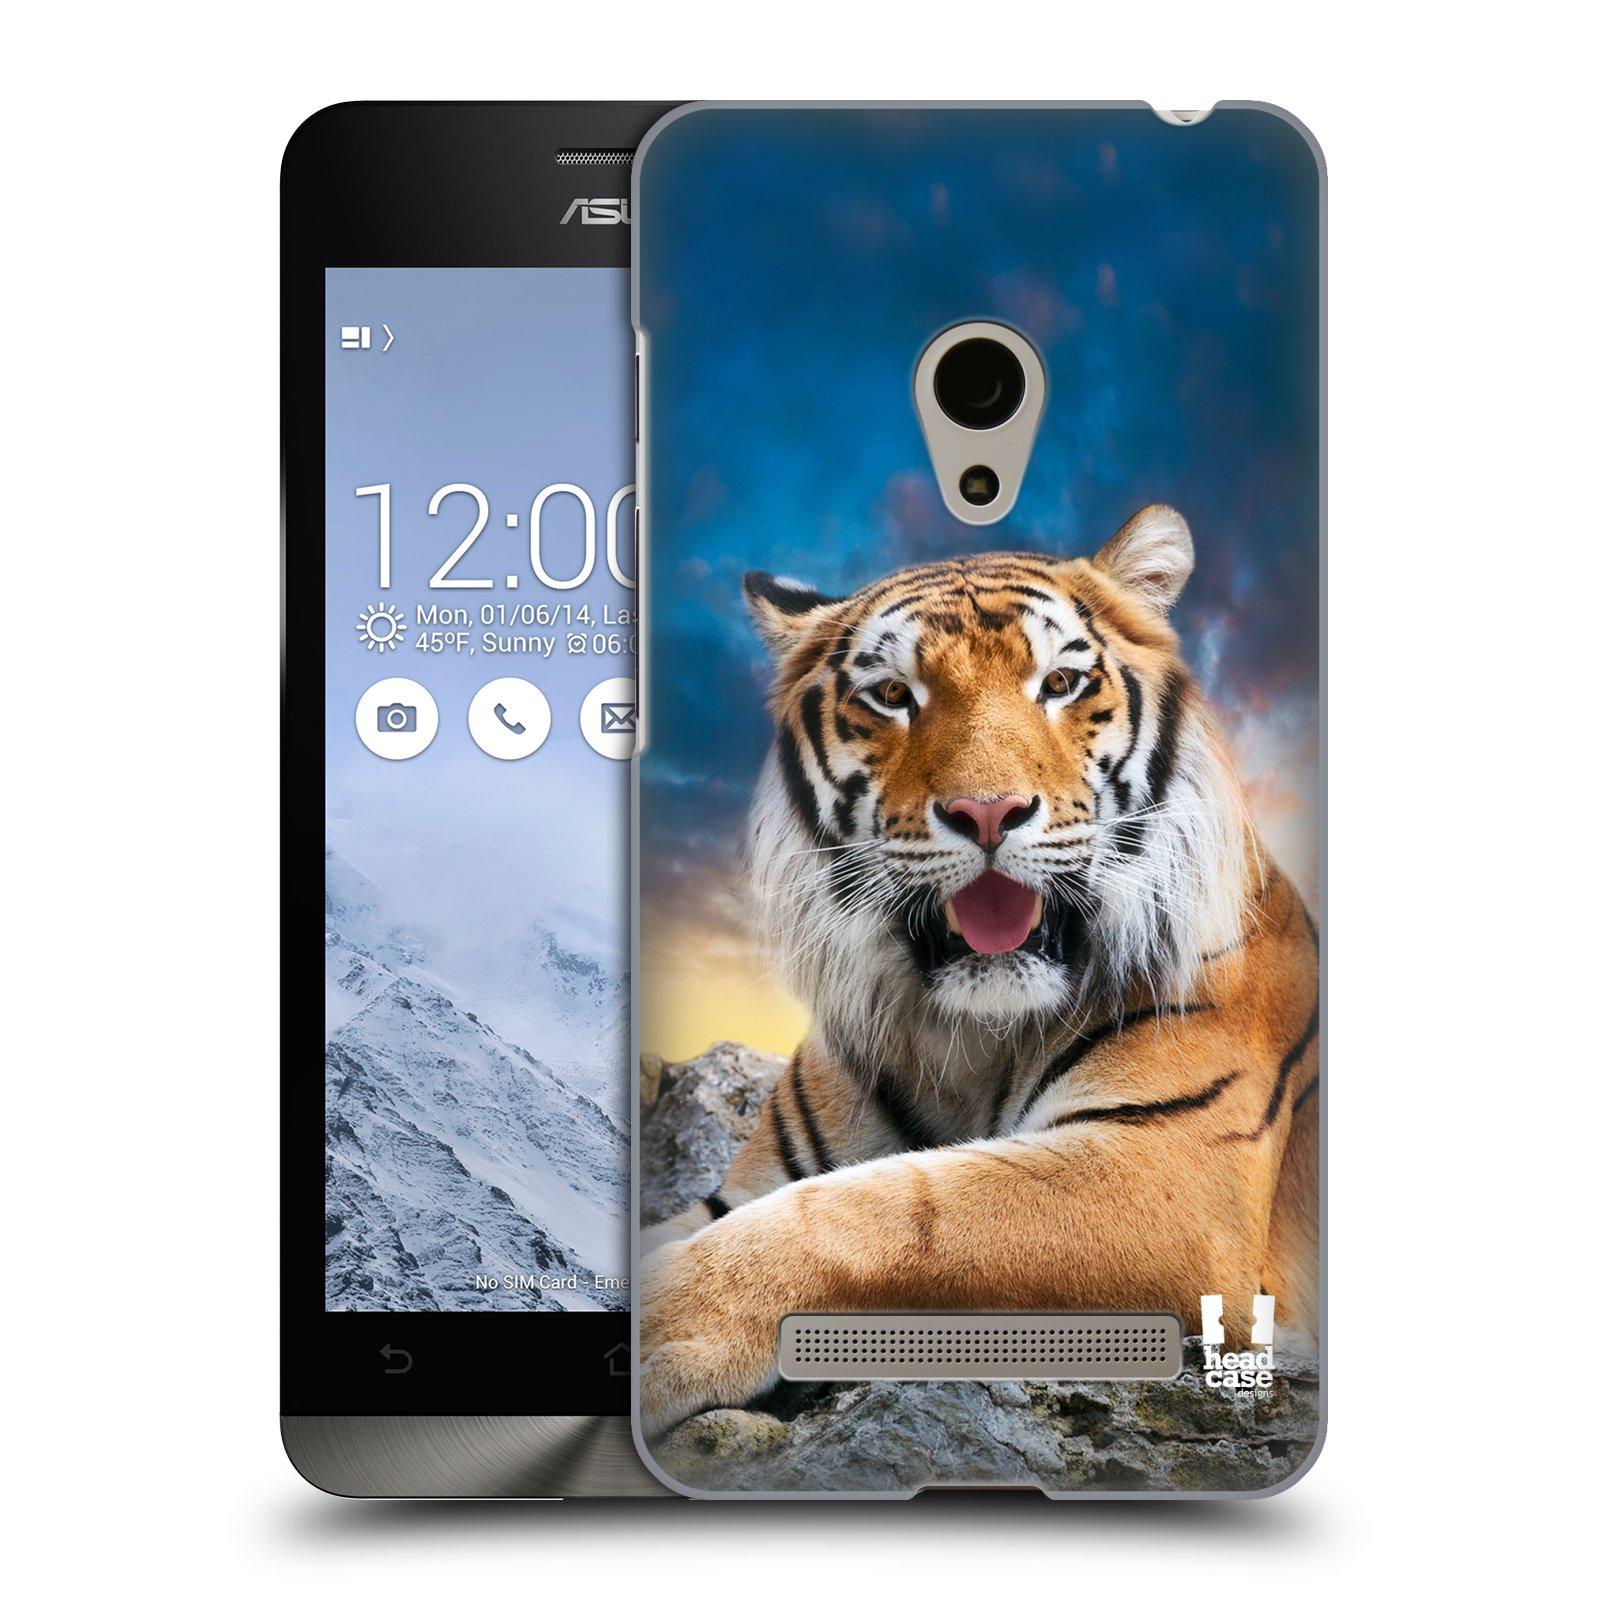 HEAD CASE plastový obal na mobil Asus Zenfone 5 vzor Divočina, Divoký život a zvířata foto TYGR A NEBE